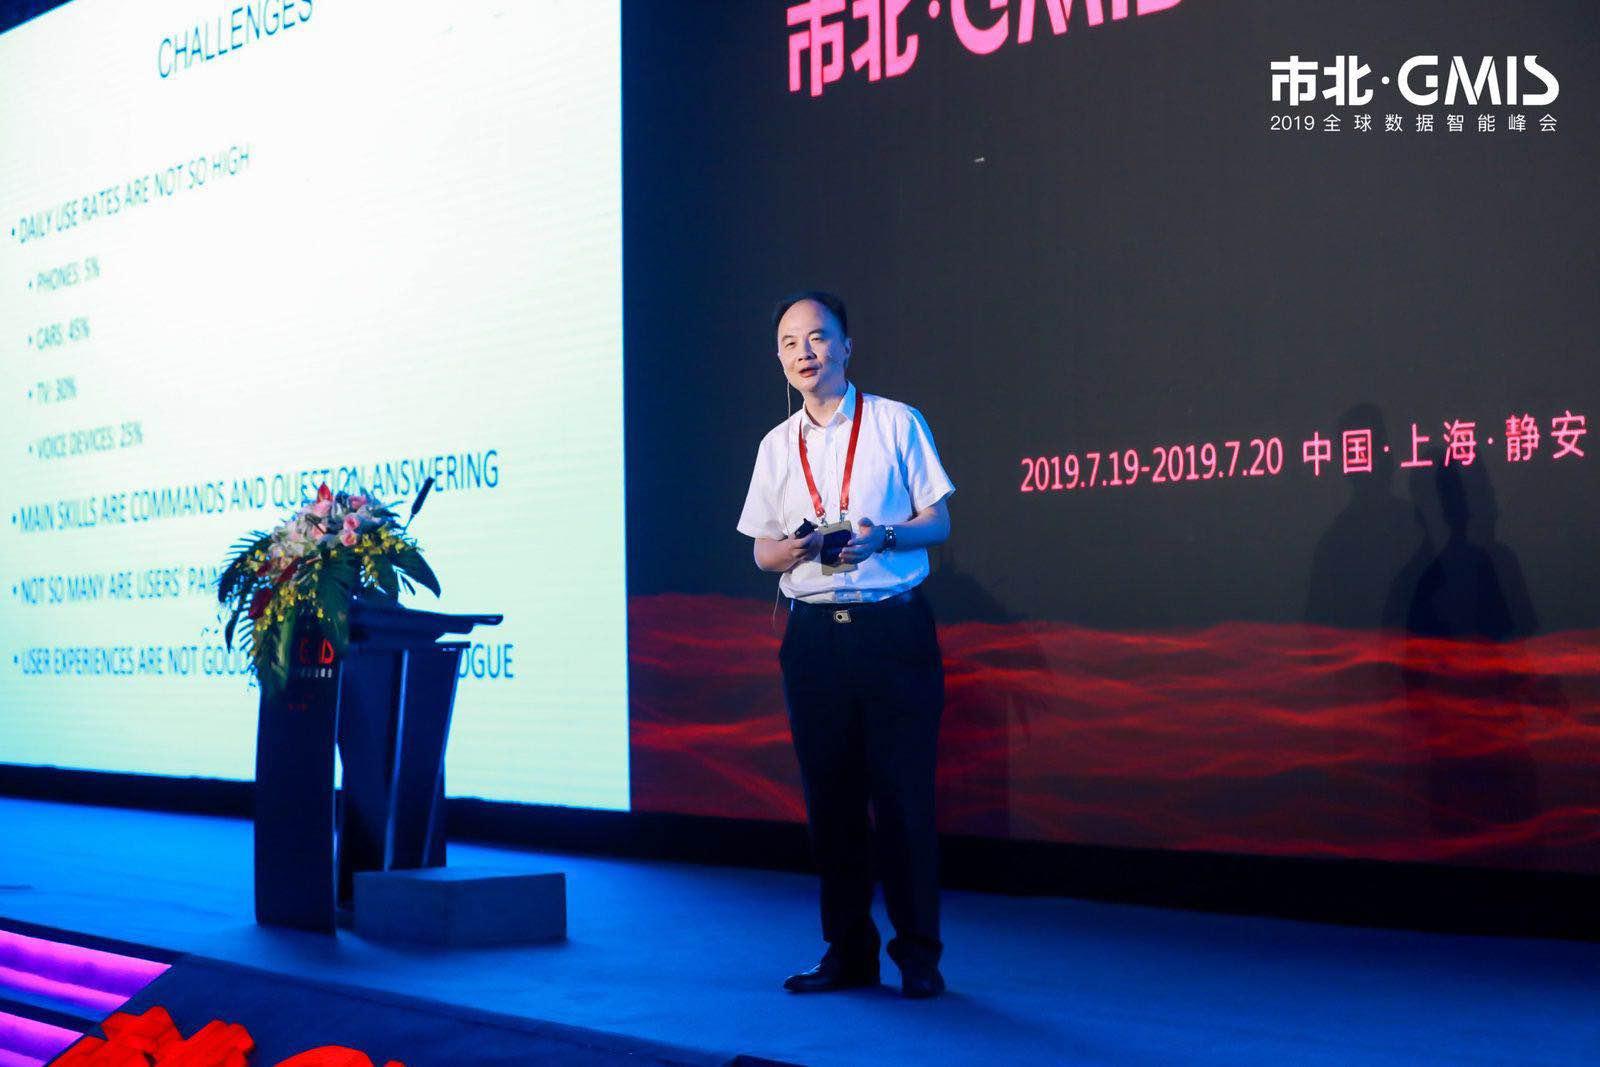 字节跳动AI实验室李航透露设计语音对话系统四大原则